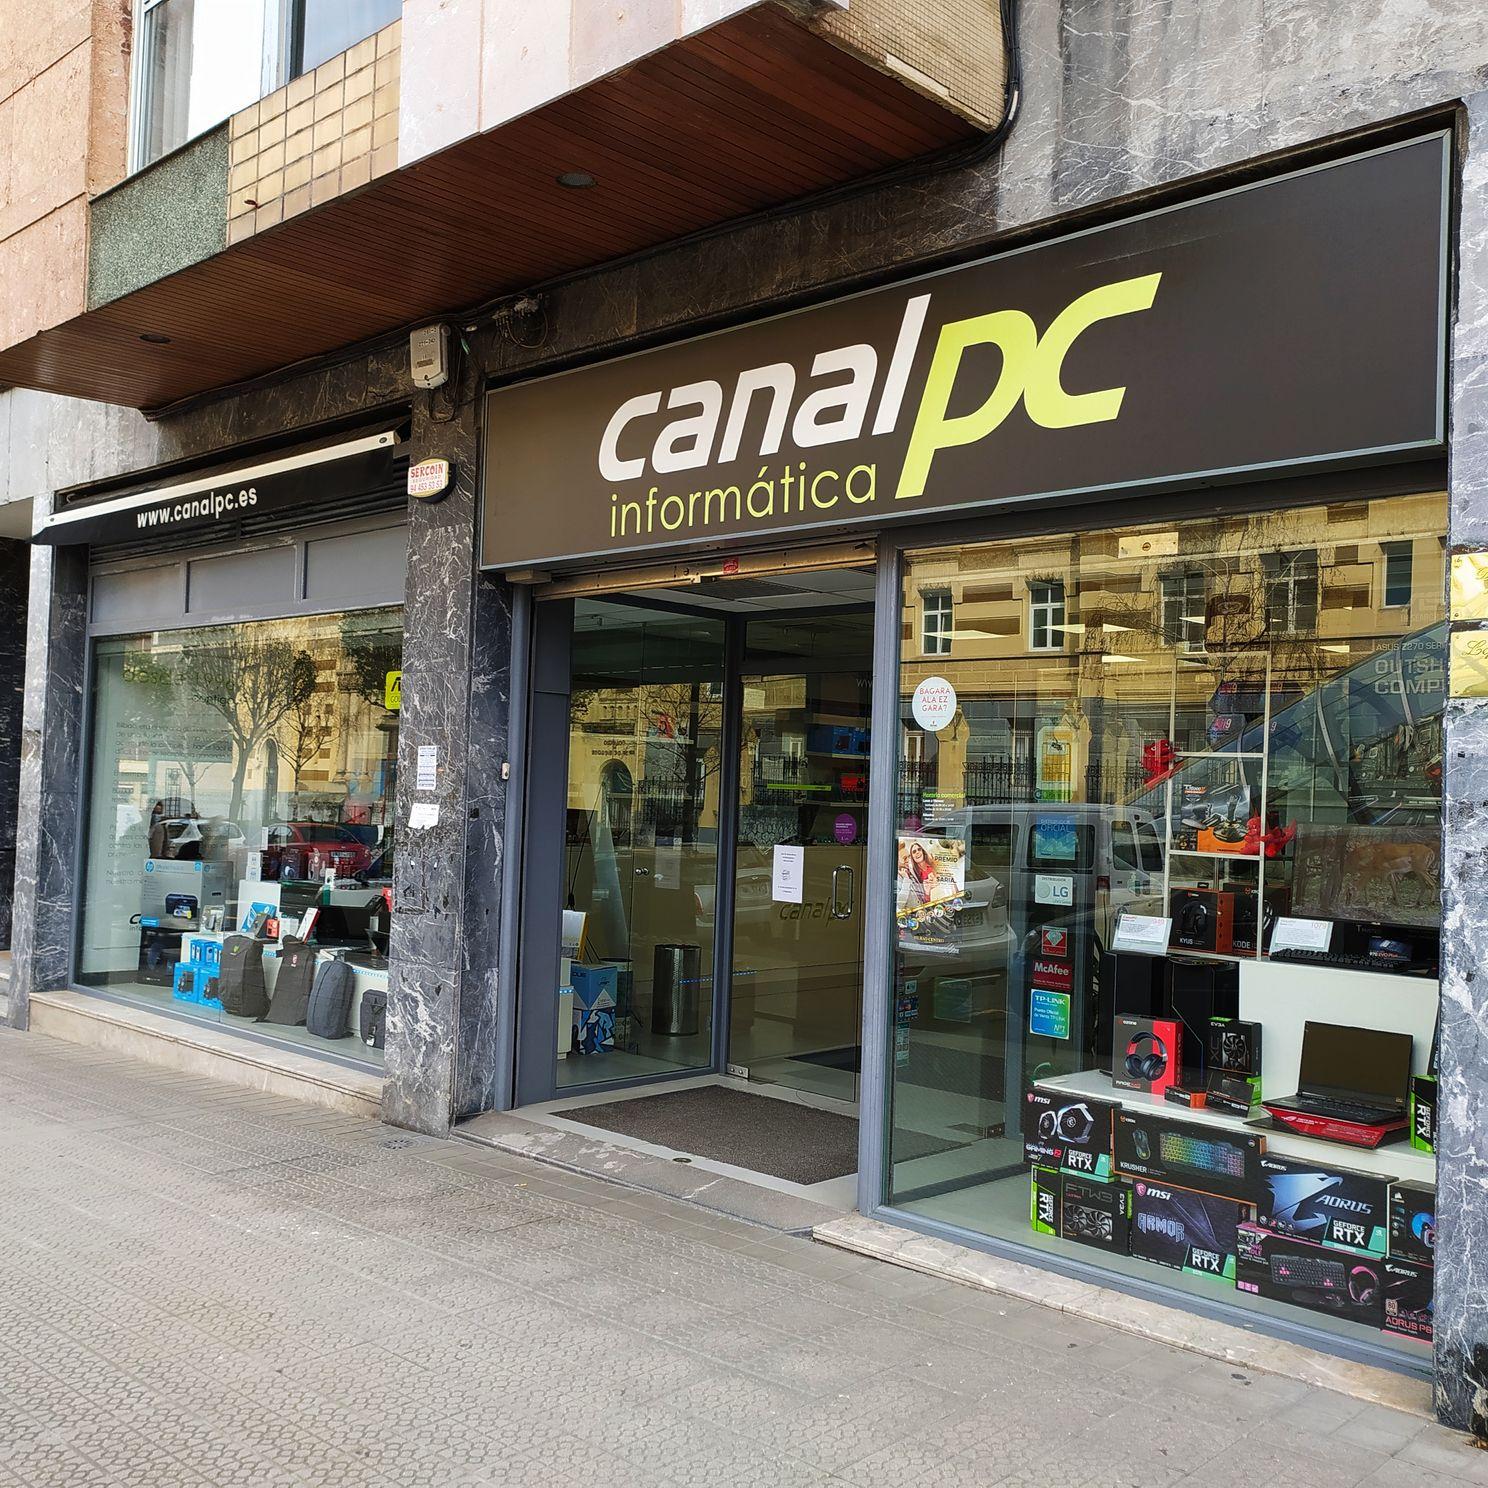 entrada tienda canalpc exterior